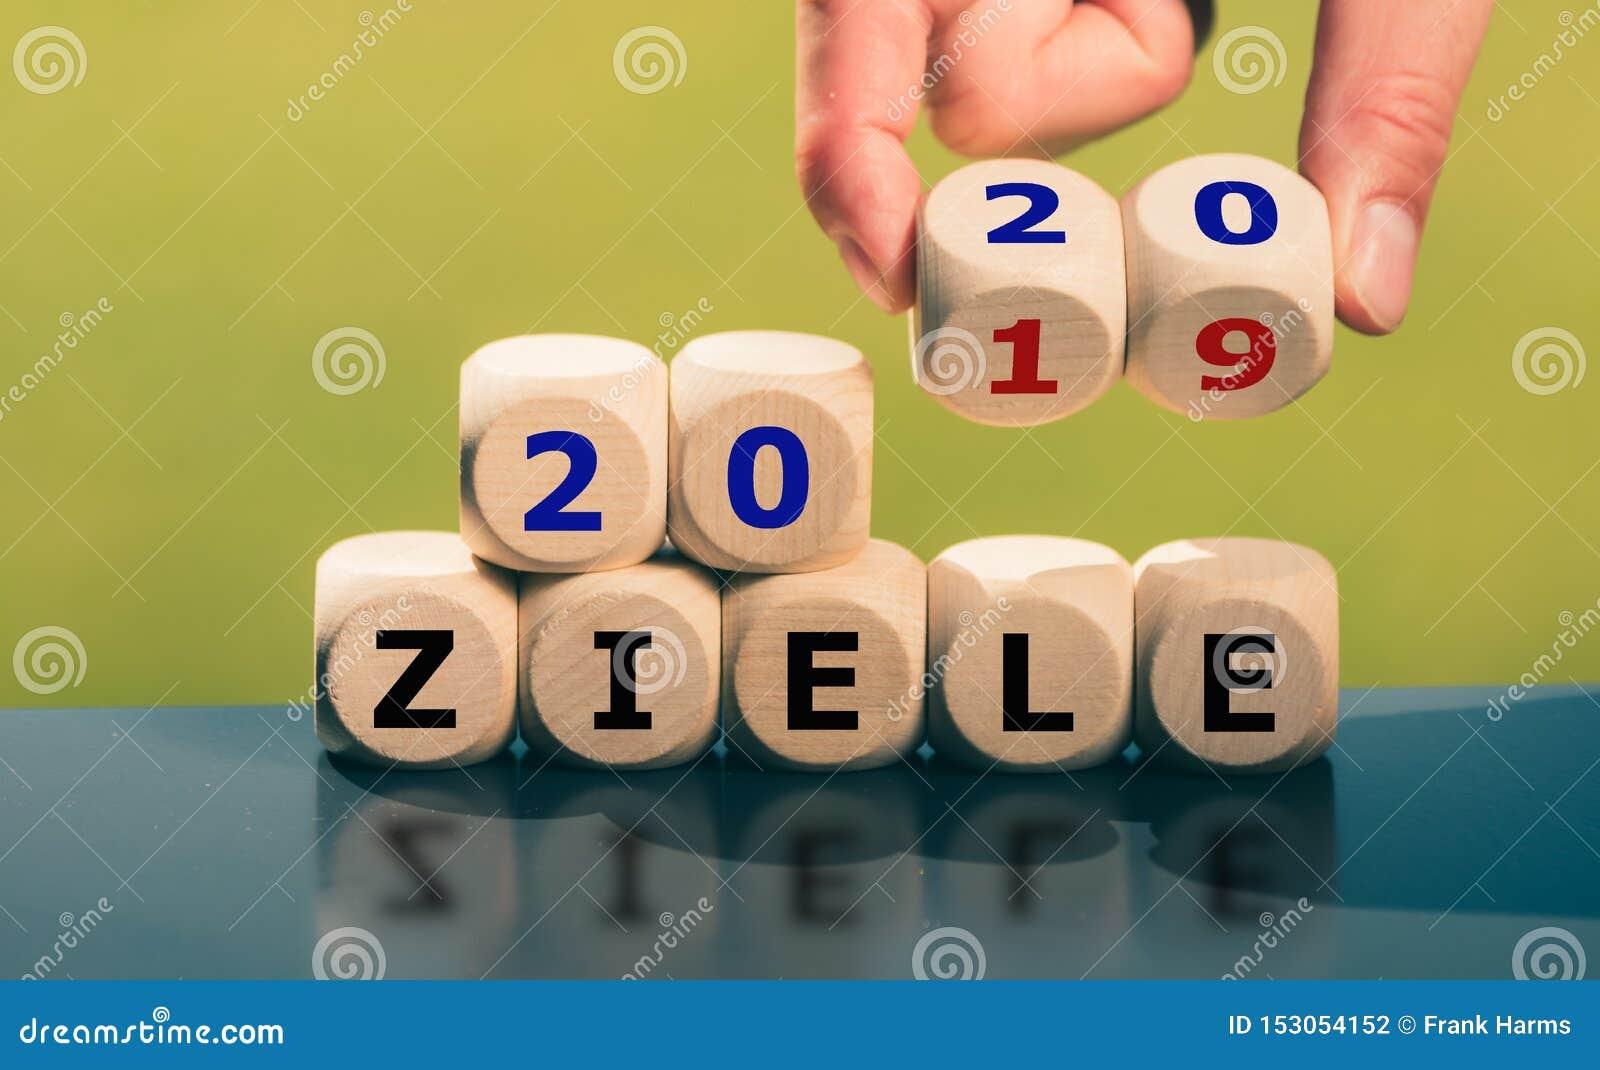 """Scopi per l anno 2020 La mano gira i dadi e cambia gli scopi tedeschi """"2019 """"dello ziele di espressione """"a Ziele 2020 """""""